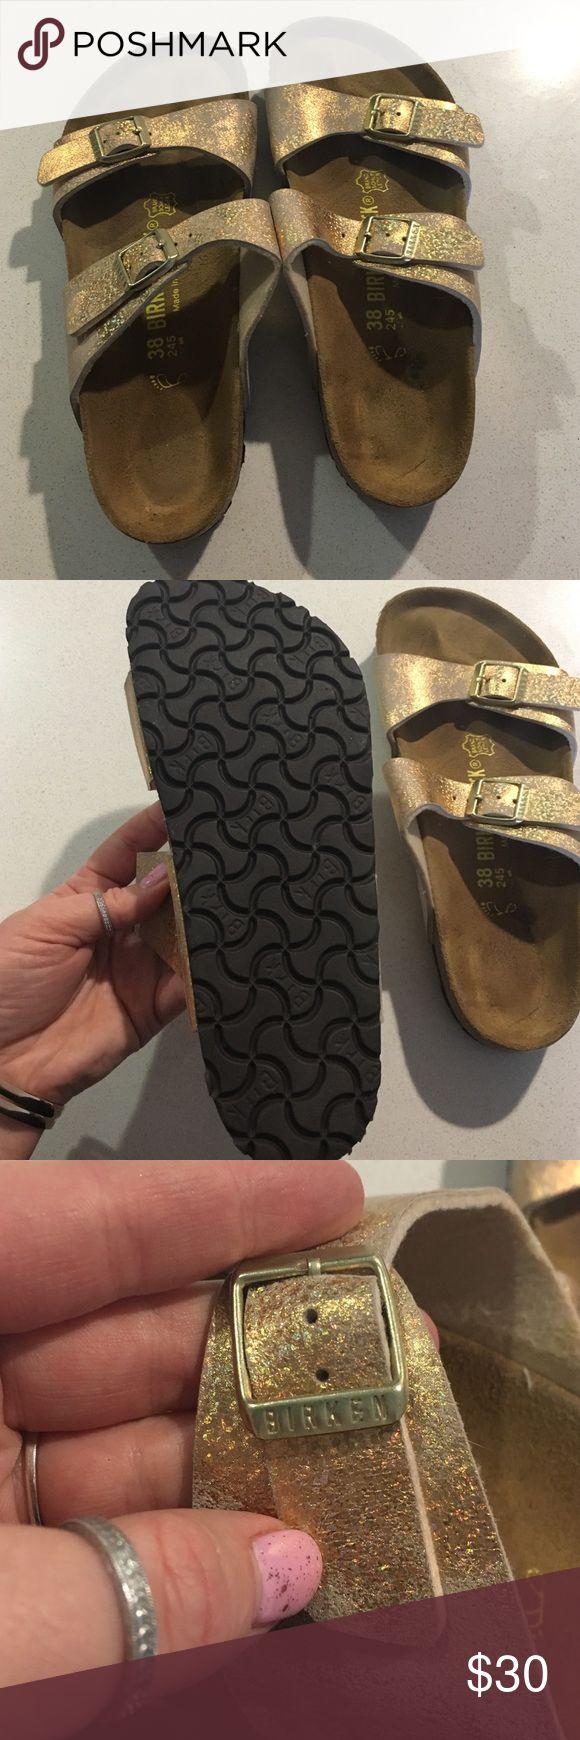 Birkenstock sandals Brand new gold Birkenstock sandals. Tried on, Never worn, but missed the return deadline! 7.5 US/ 38 EU SIZING. Birkenstock Shoes Sandals